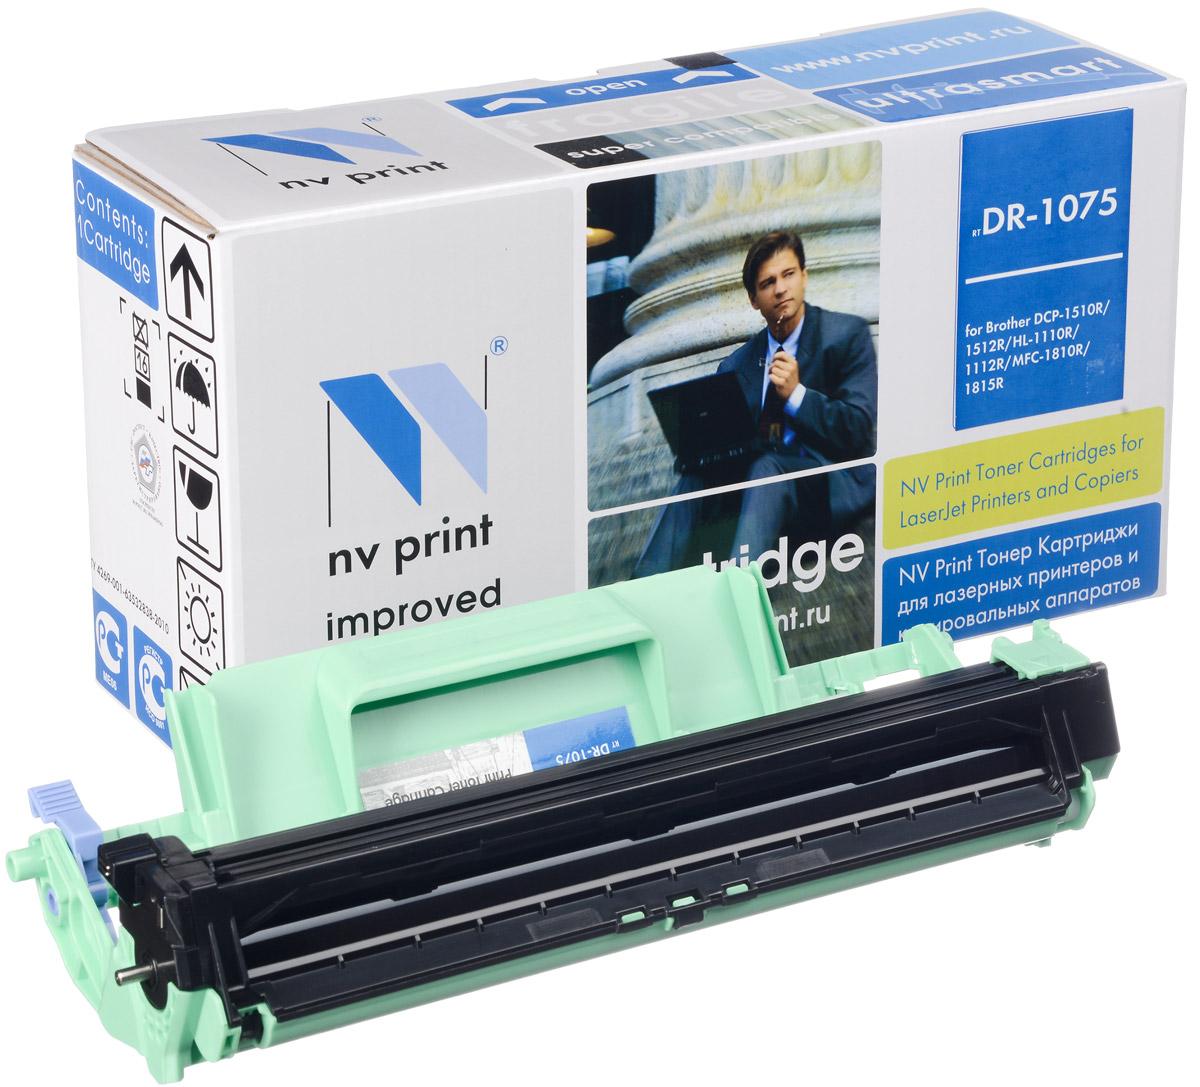 NV Print DR1075, Black фотобарабан для Brother DCP-1510R/DCP-1512R/HL-1110R/HL-1112R/MFC-18NV-DR1075Совместимый лазерный картридж NV Print DR1075 для печатающих устройств Brother - это альтернатива приобретению оригинальных расходных материалов. При этом качество печати остается высоким. Картридж обеспечивает повышенную чёткость чёрного текста и плавность переходов оттенков серого цвета и полутонов, позволяет отображать мельчайшие детали изображения. Лазерные принтеры, копировальные аппараты и МФУ являются более выгодными в печати, чем струйные устройства, так как лазерных картриджей хватает на значительно большее количество отпечатков, чем обычных. Для печати в данном случае используются не чернила, а тонер.